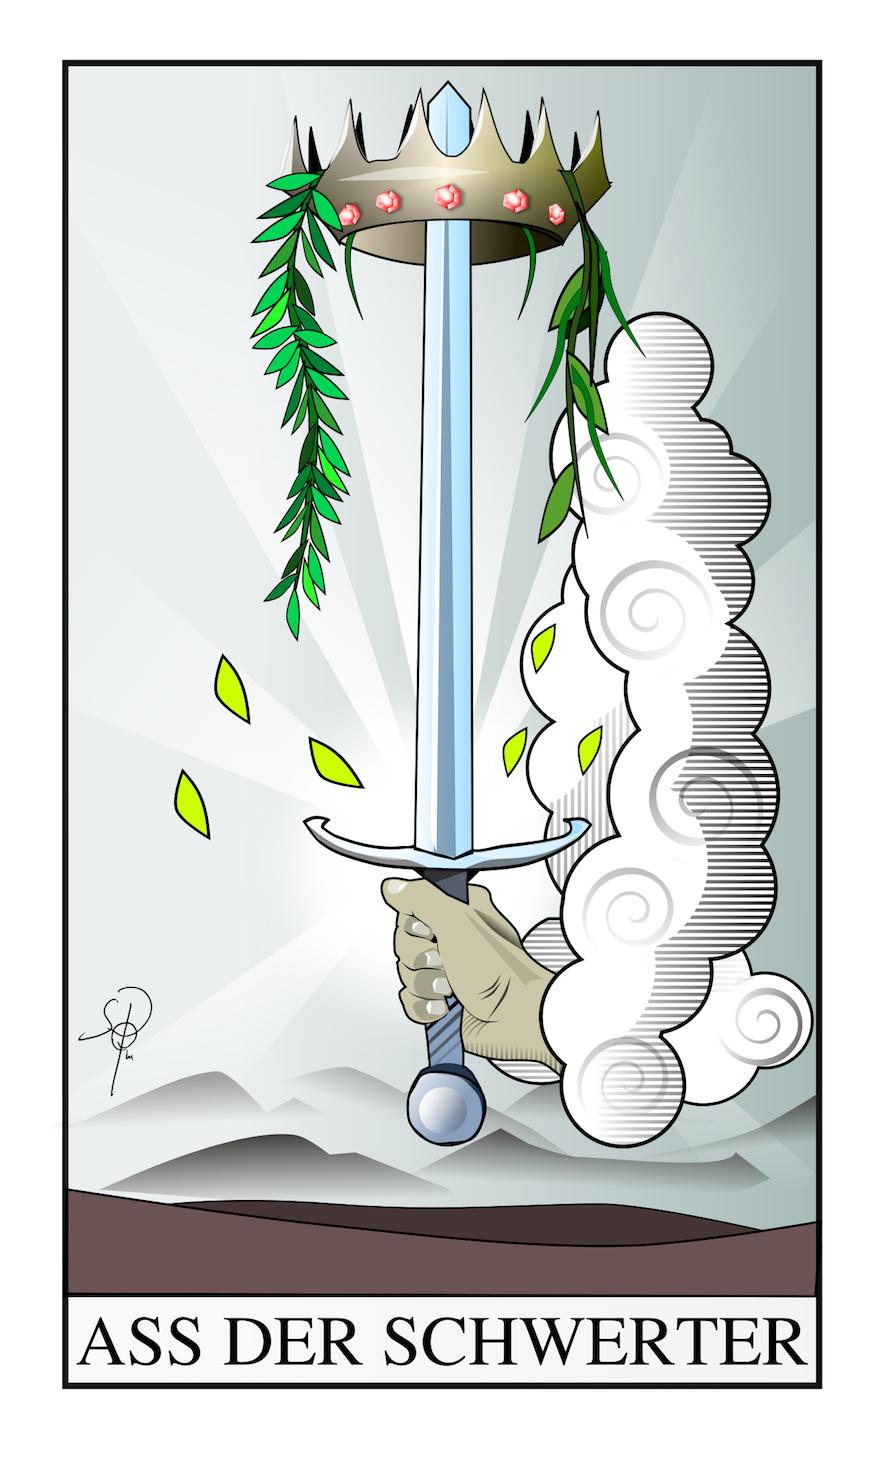 Tarot Ass der Schwerter